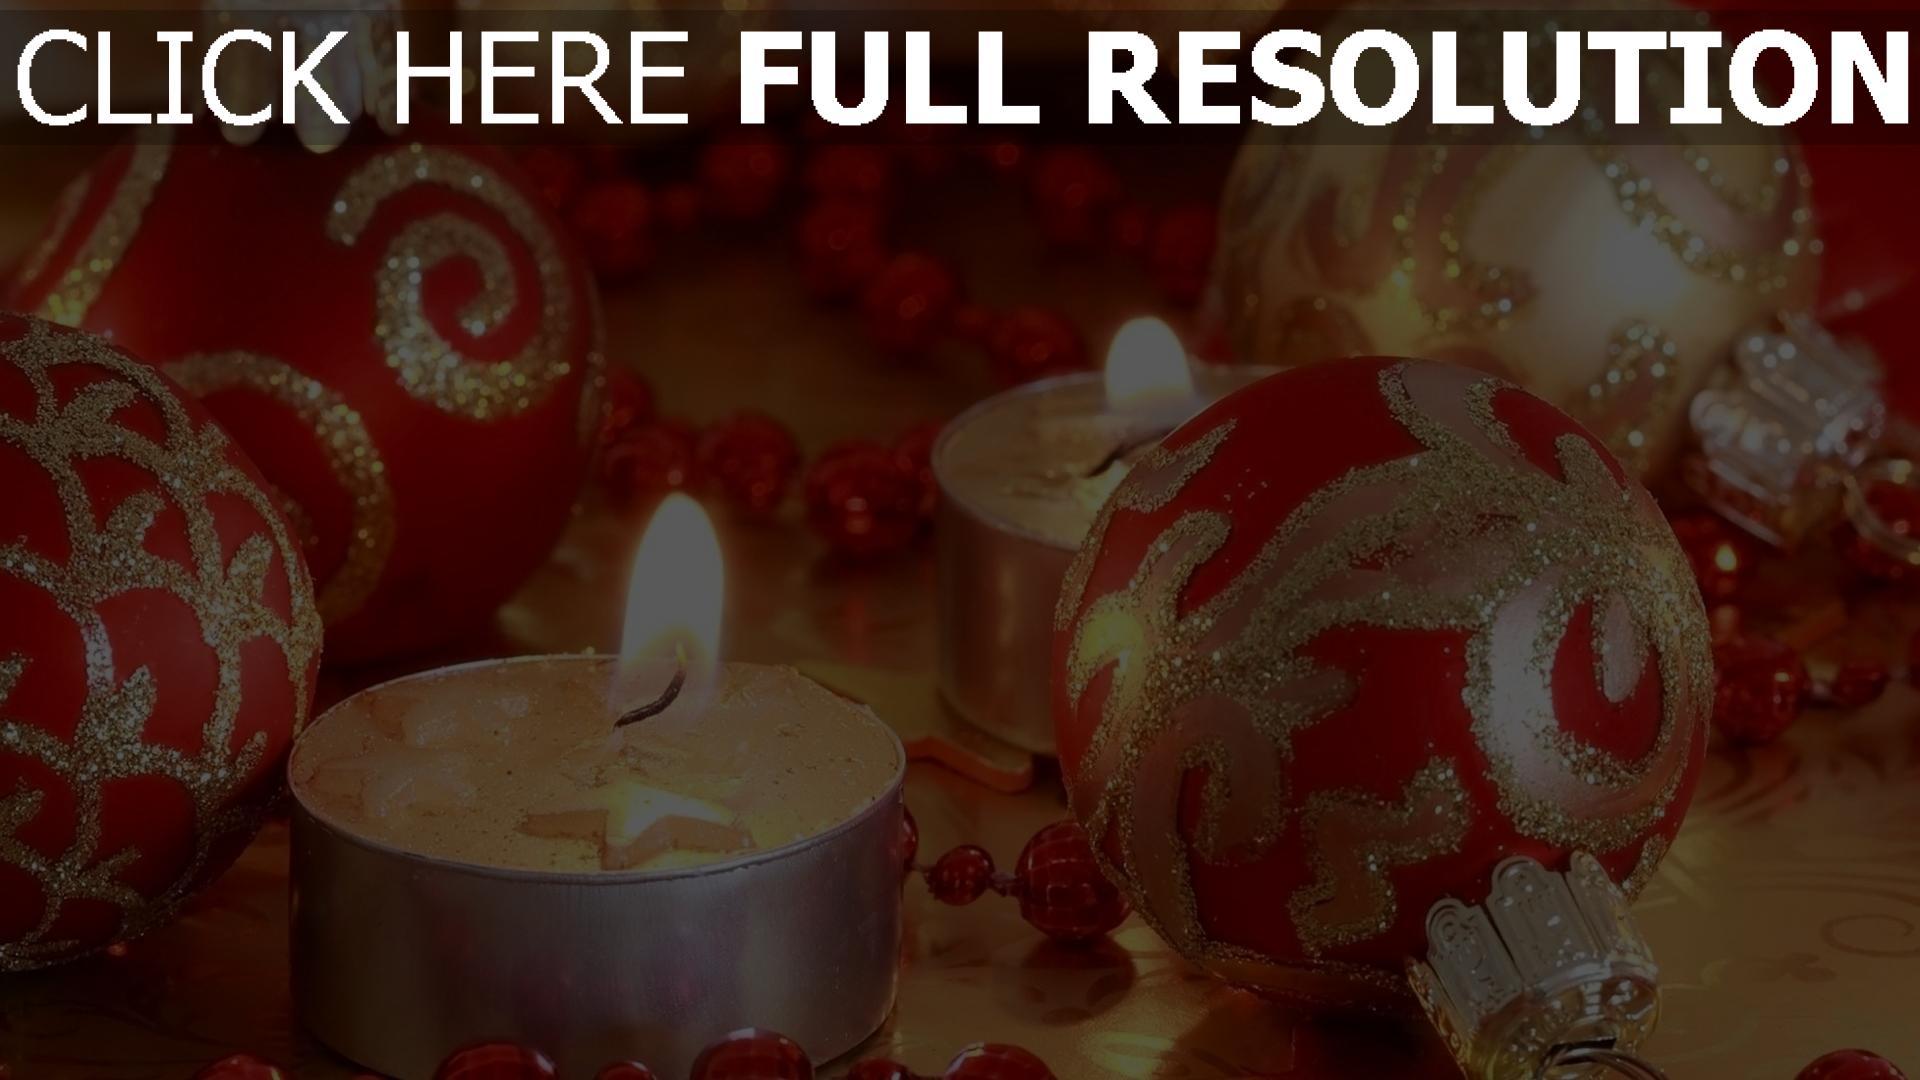 hd hintergrundbilder weihnachtsdekorationen close-up weihnachten neujahr kerzen 1920x1080